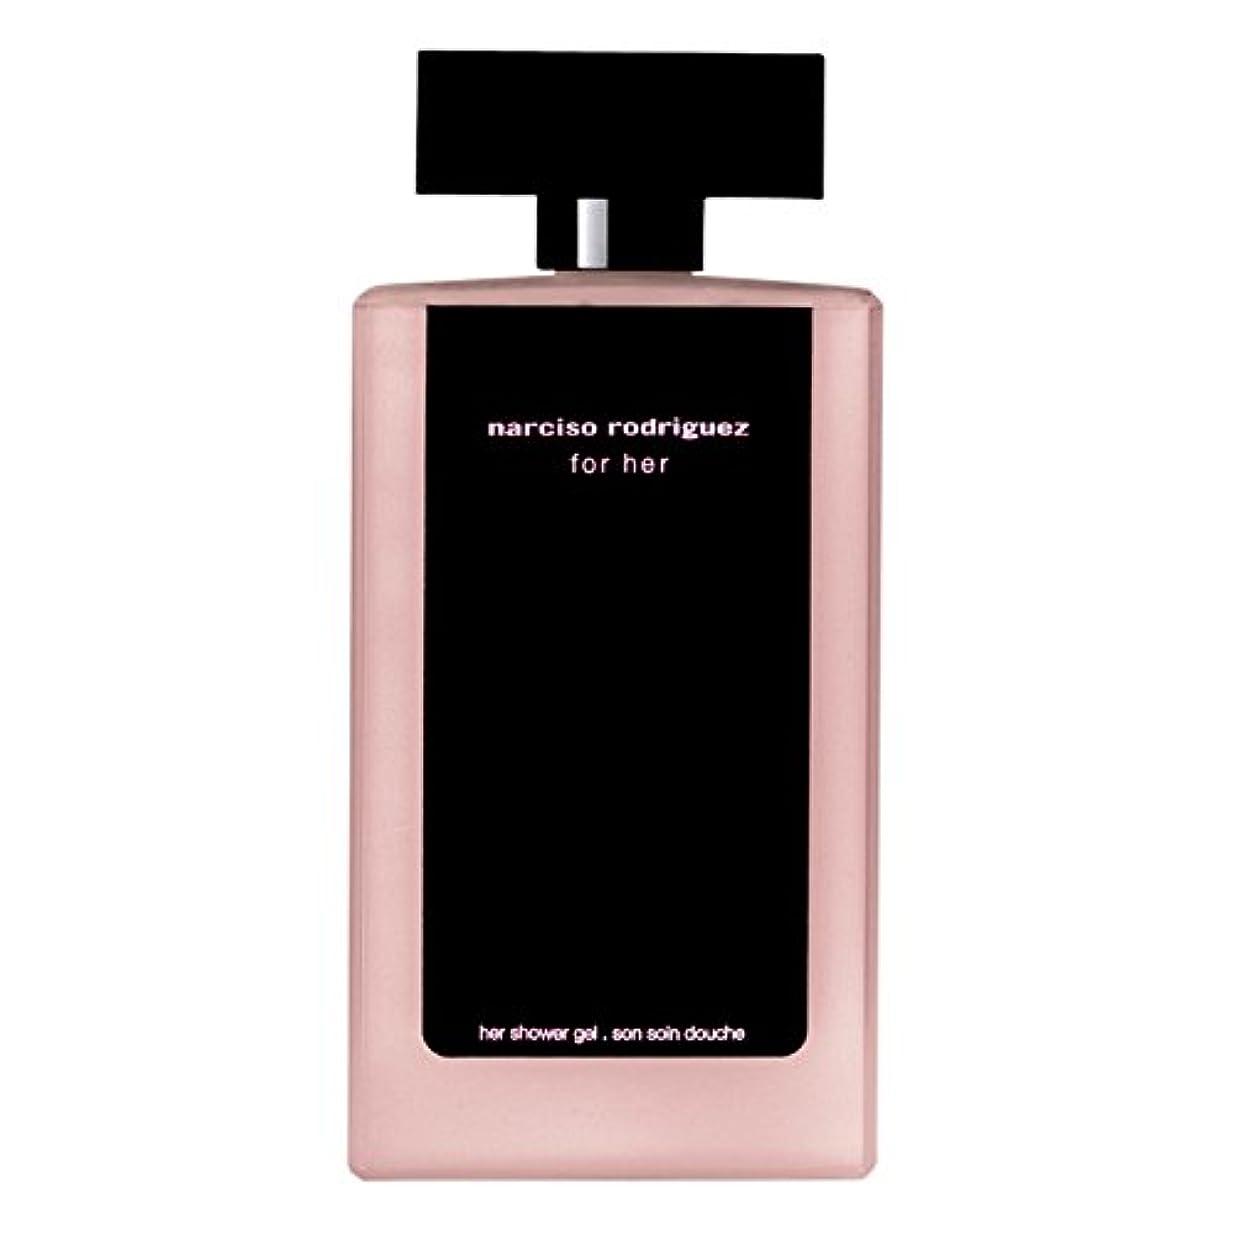 選択するデッド遺棄された彼女のシャワージェル200ミリリットルのためのナルシソ?ロドリゲス (Narciso Rodriguez) (x2) - Narciso Rodriguez for Her Shower Gel 200ml (Pack of 2) [並行輸入品]